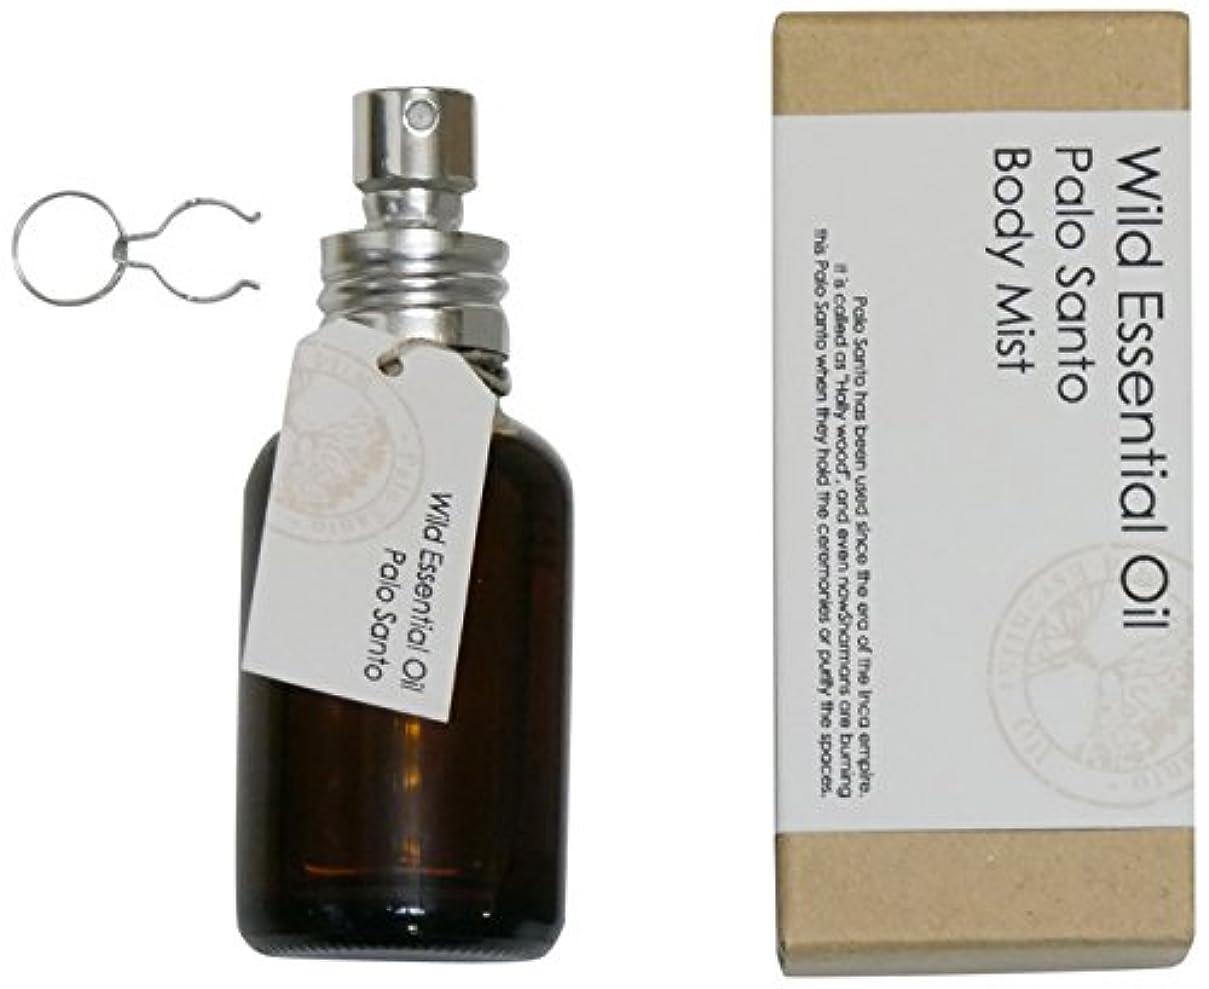 スパイ謝るグリーンバックアロマレコルト ボディミスト パロサント 【Palo Santo】 ワイルド エッセンシャルオイル wild essential oil body mist arome recolte